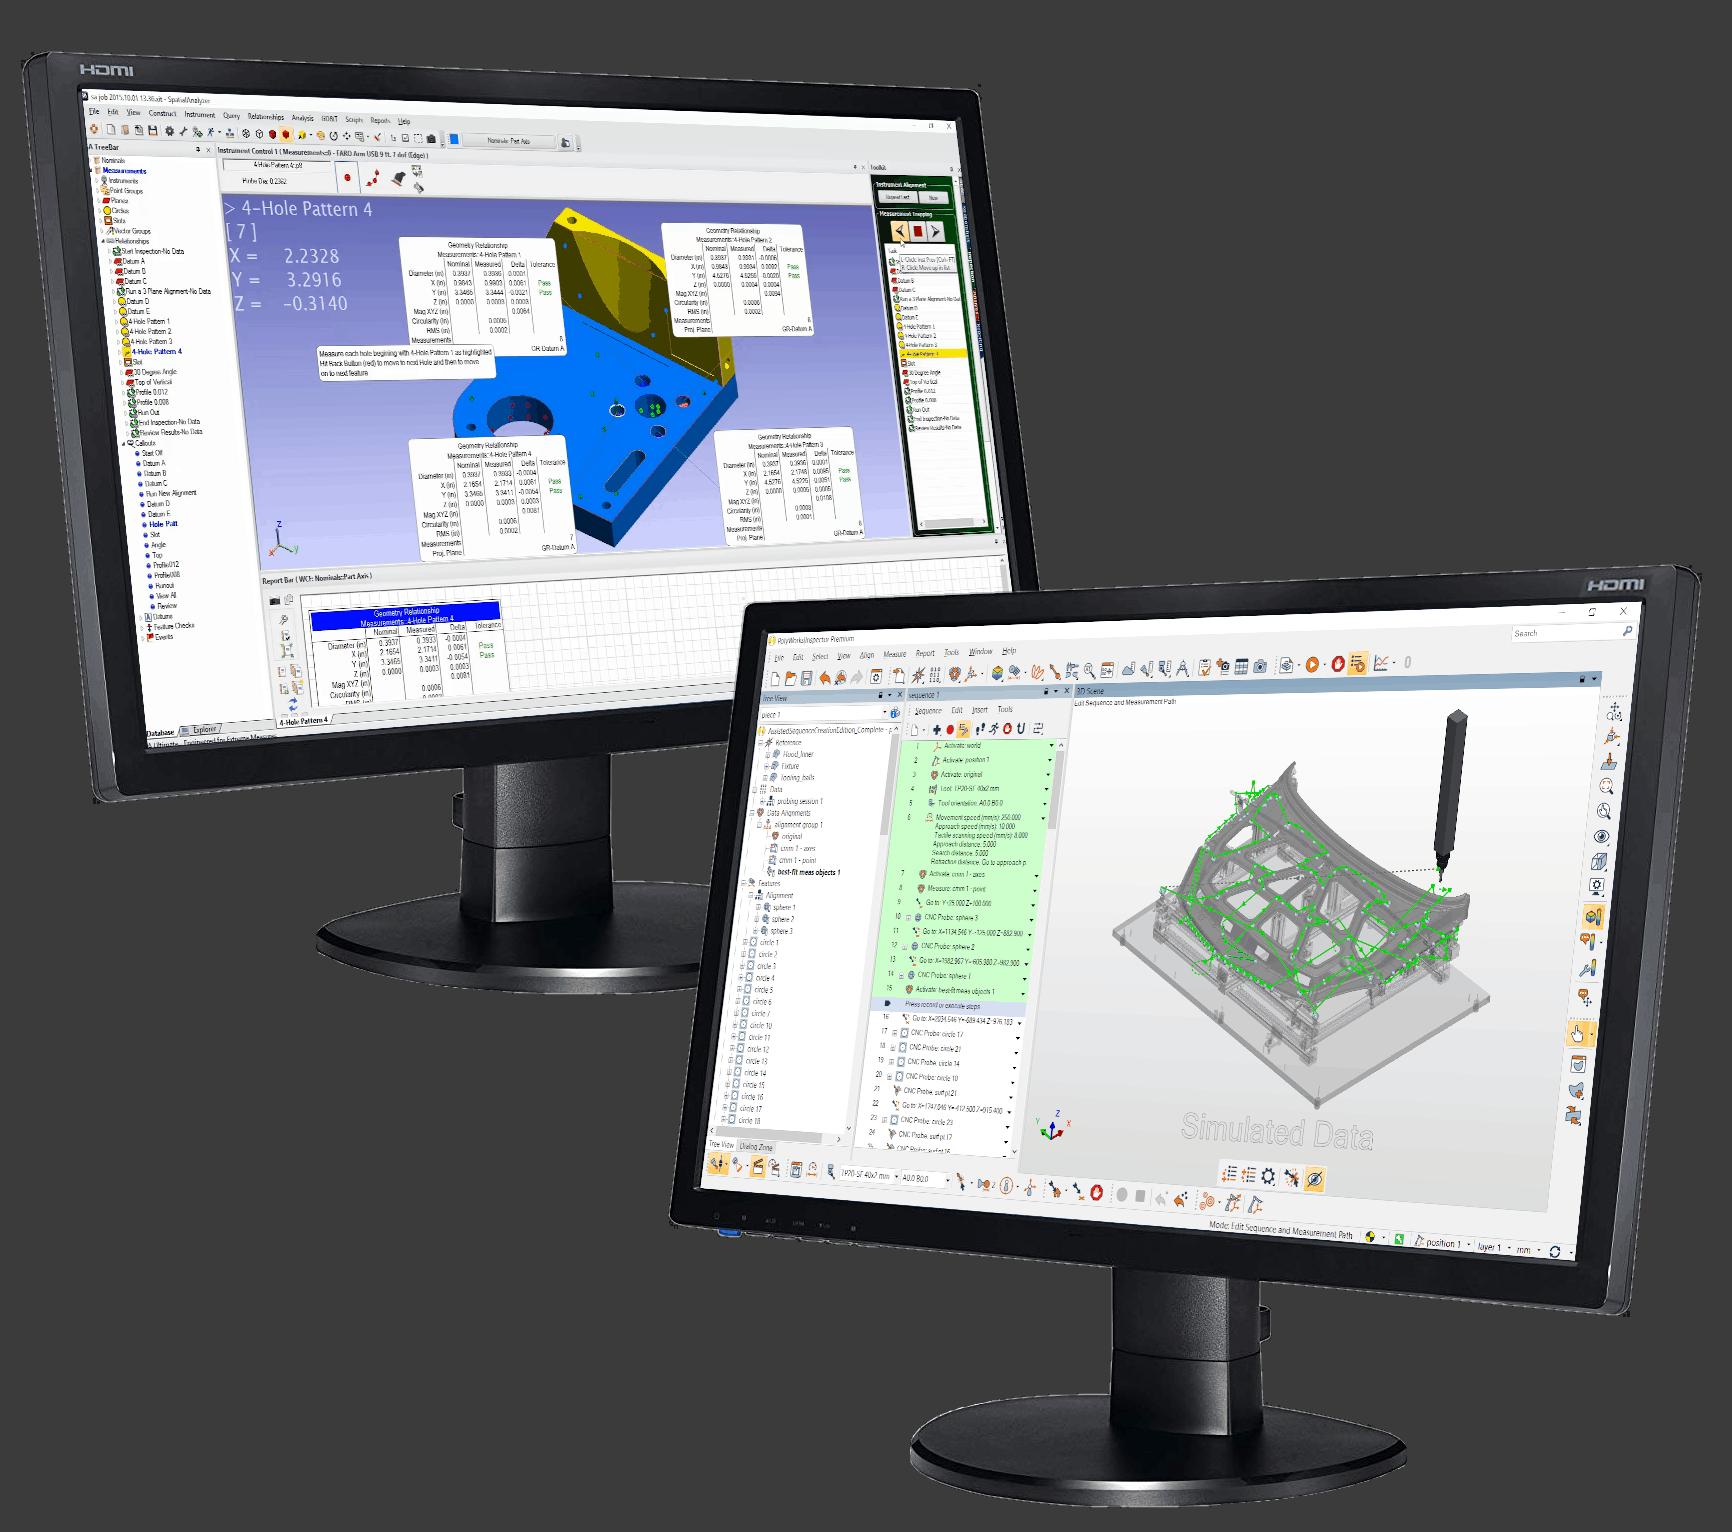 программное обеспечение PolyWorks Spatial Analyzer